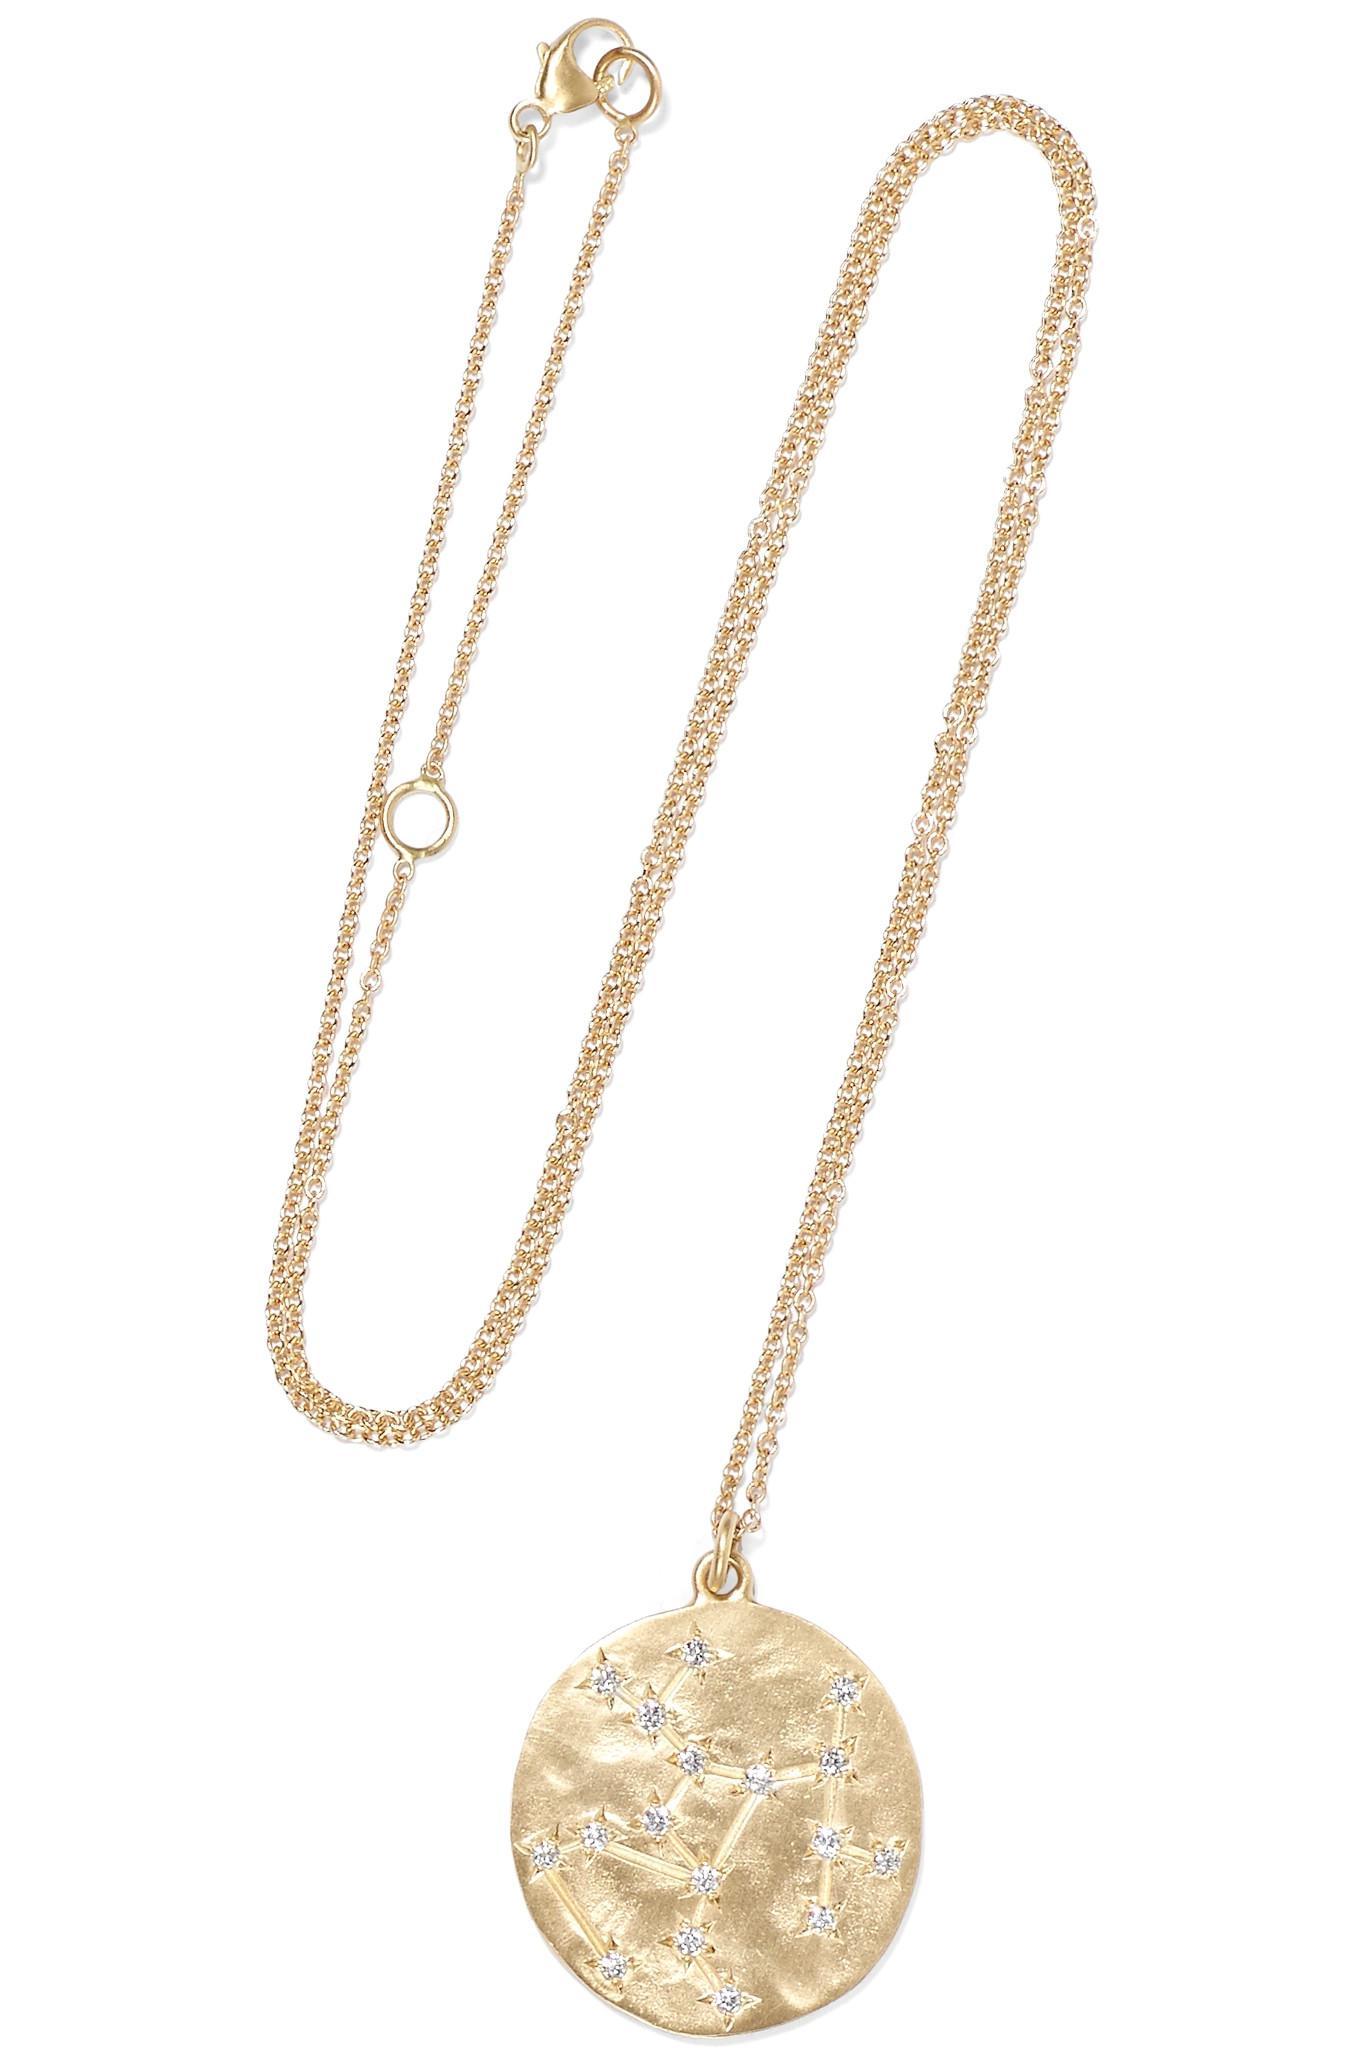 Libra 14 Carats Collier De Diamants D'or - Taille Brooke Gregson Qn84h